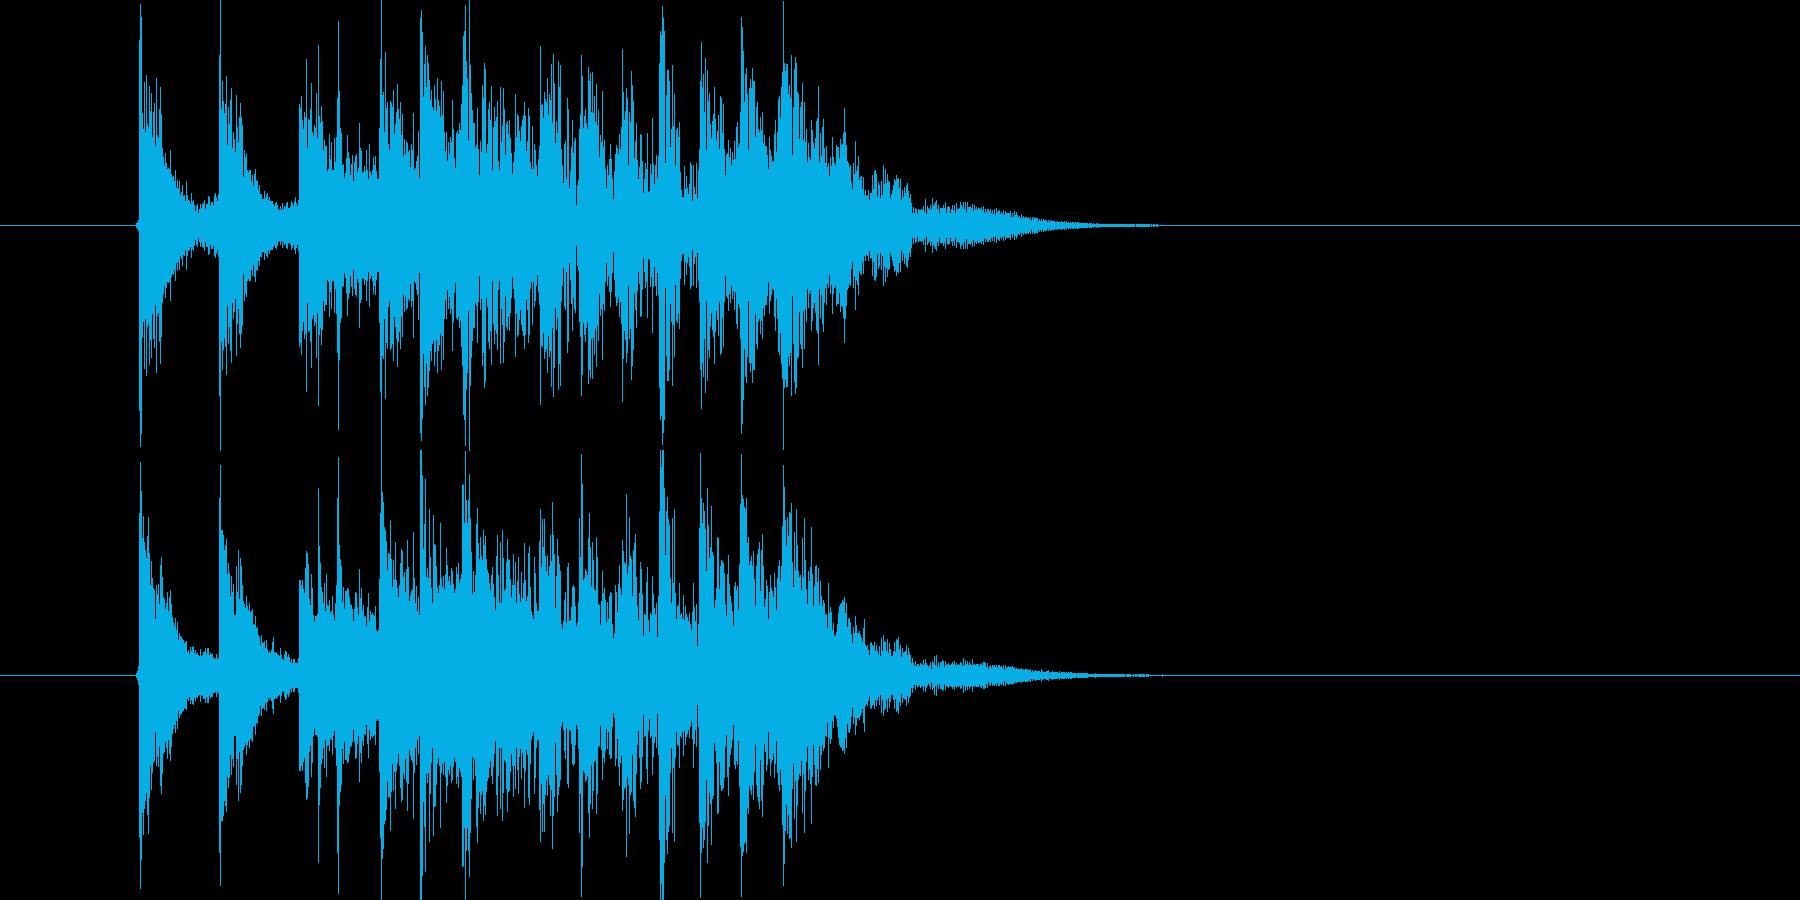 勢いがありリズミカルなドラムによるBGMの再生済みの波形